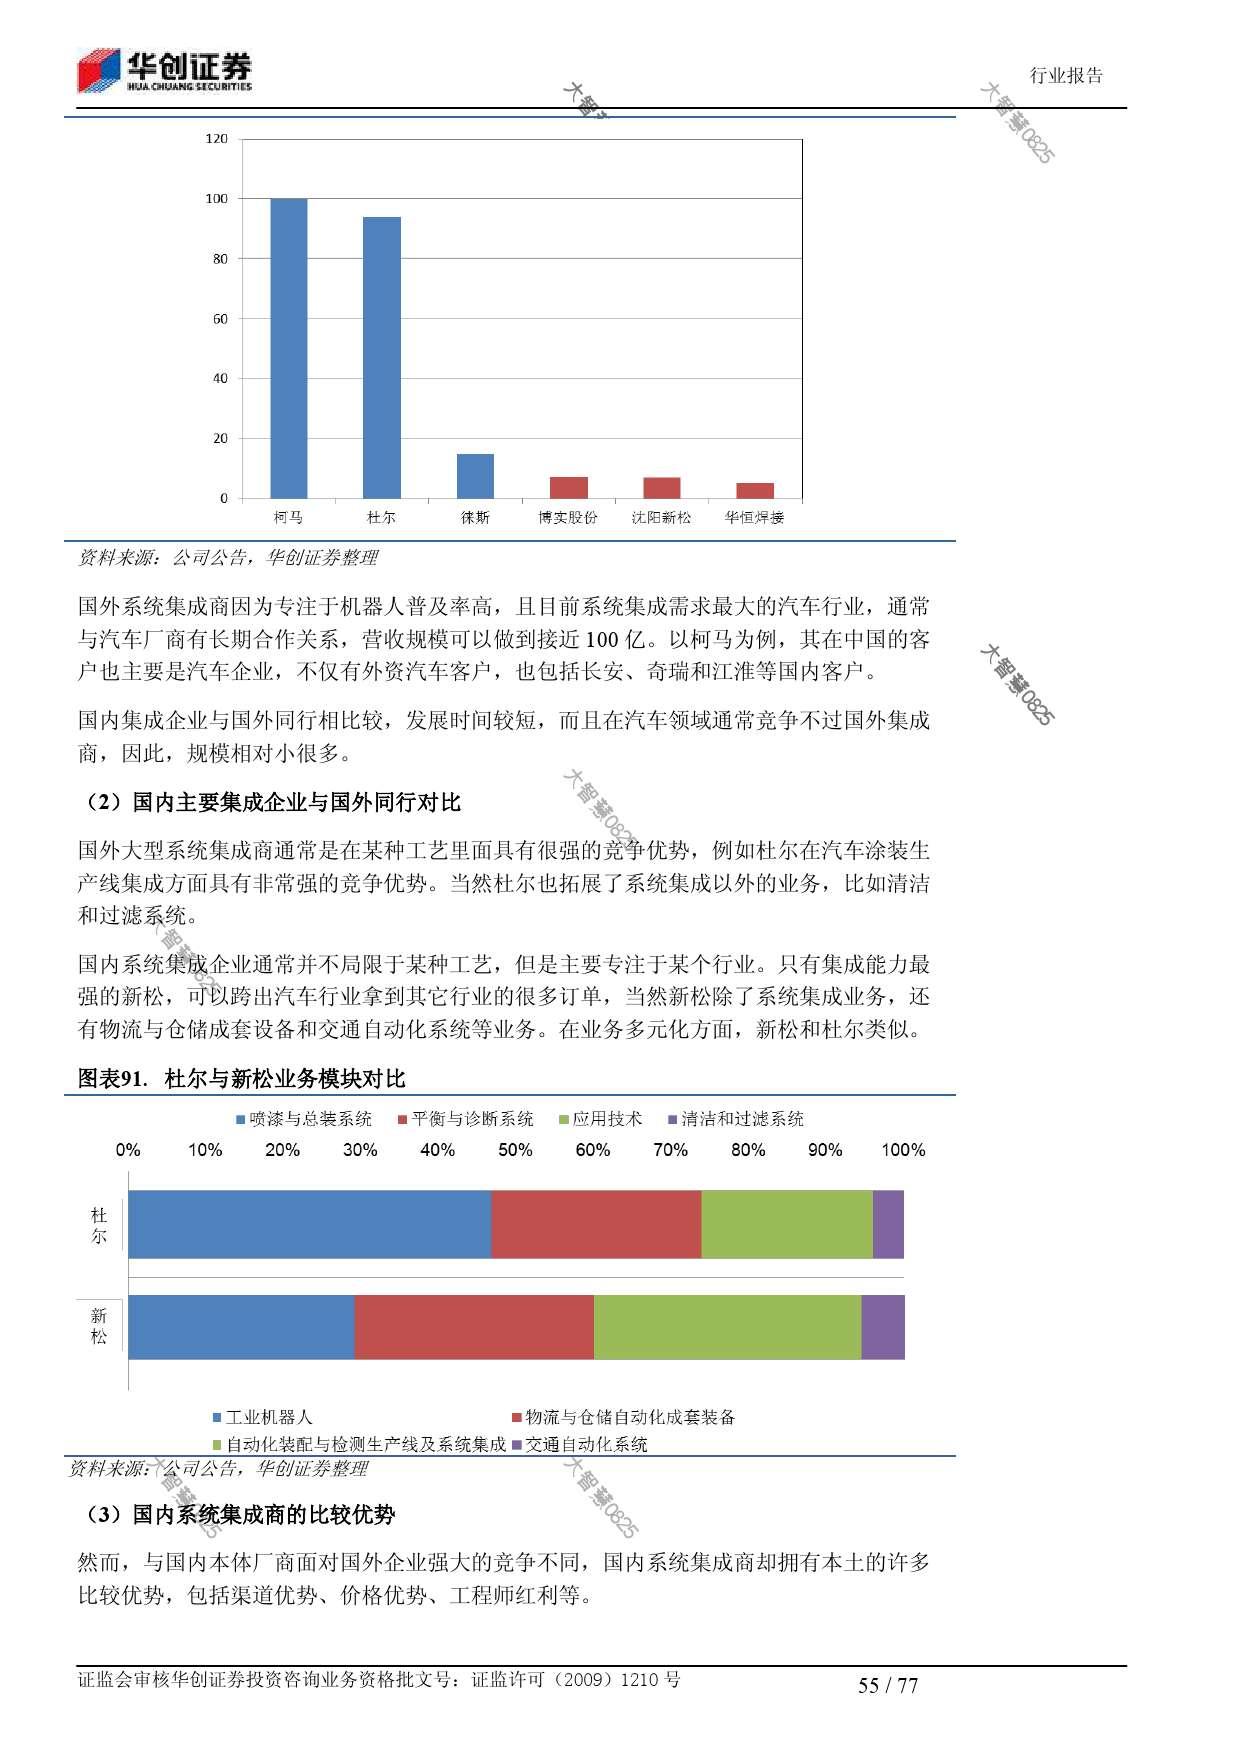 行业研究_华创证券_刘国清,鲁佩_机械设备:机器人大趋势_2014021_000055